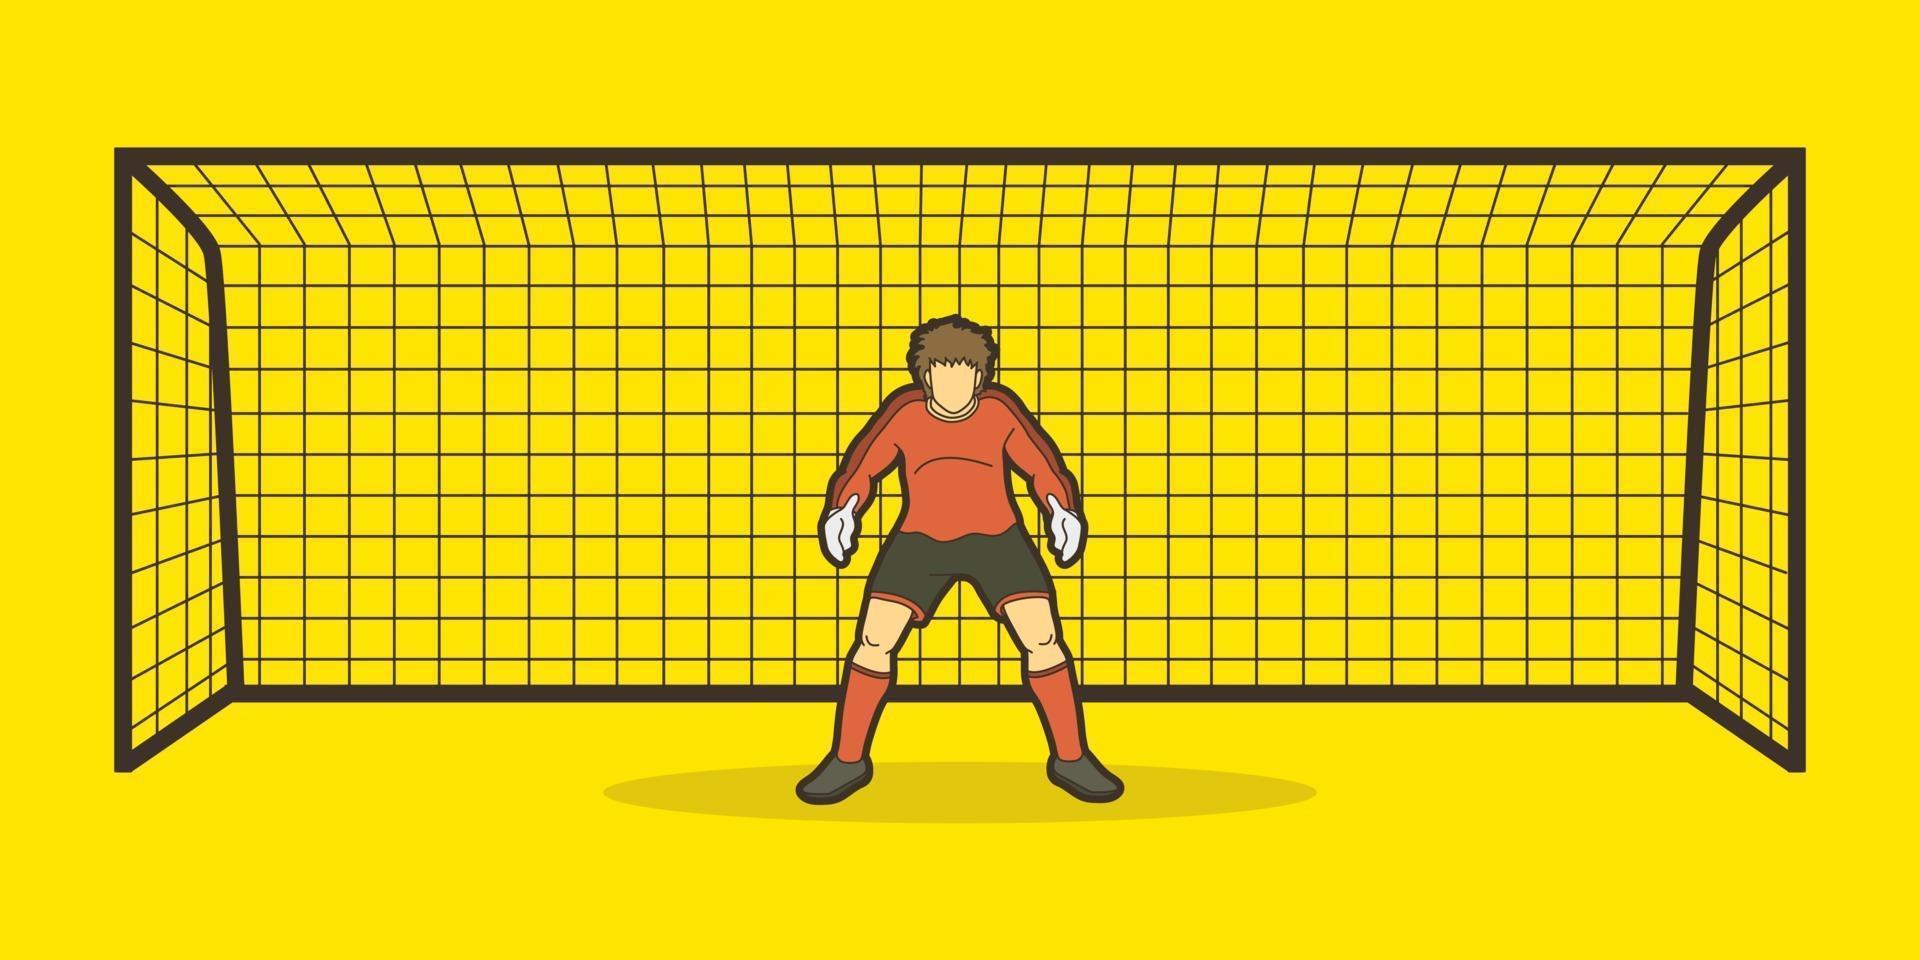 målvakt fotbollsspelare vektor